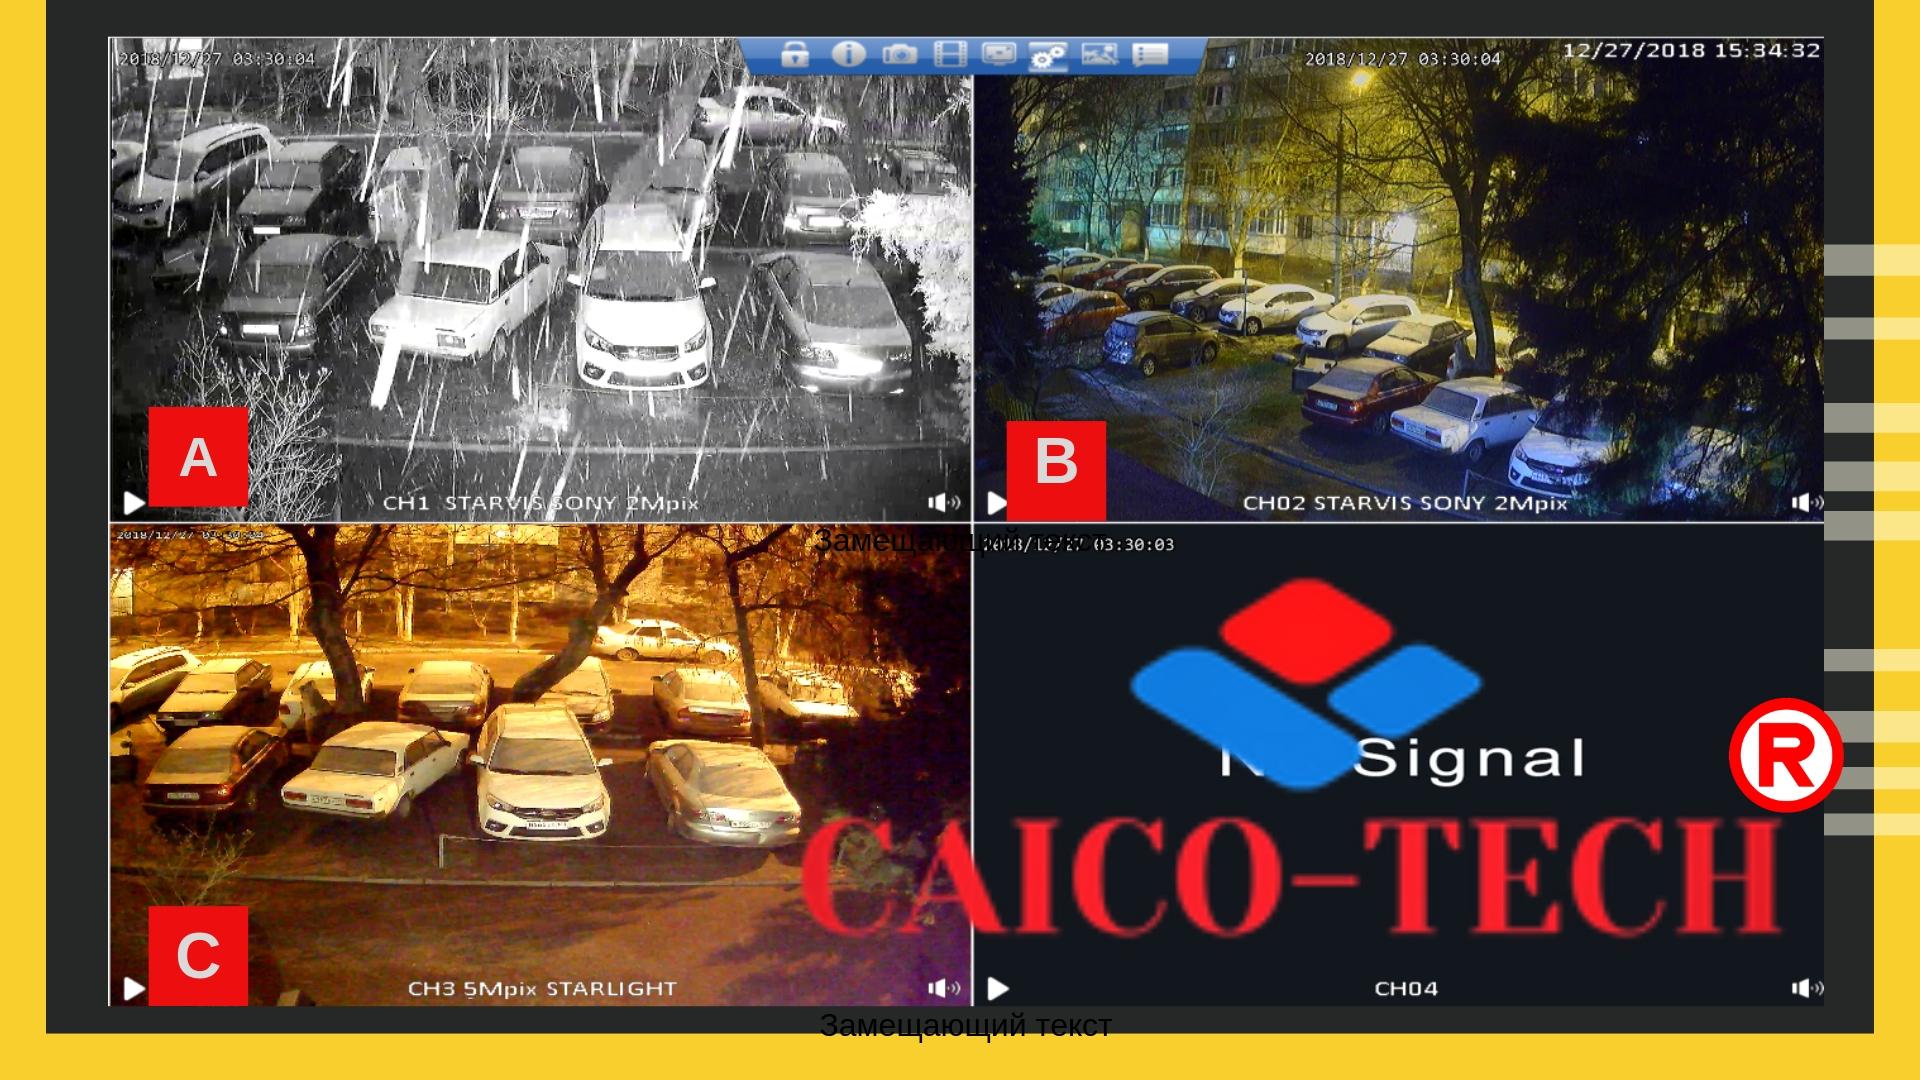 видеонаблюдение за авто парковкой во дворе дома CAIXO TECC CCTV